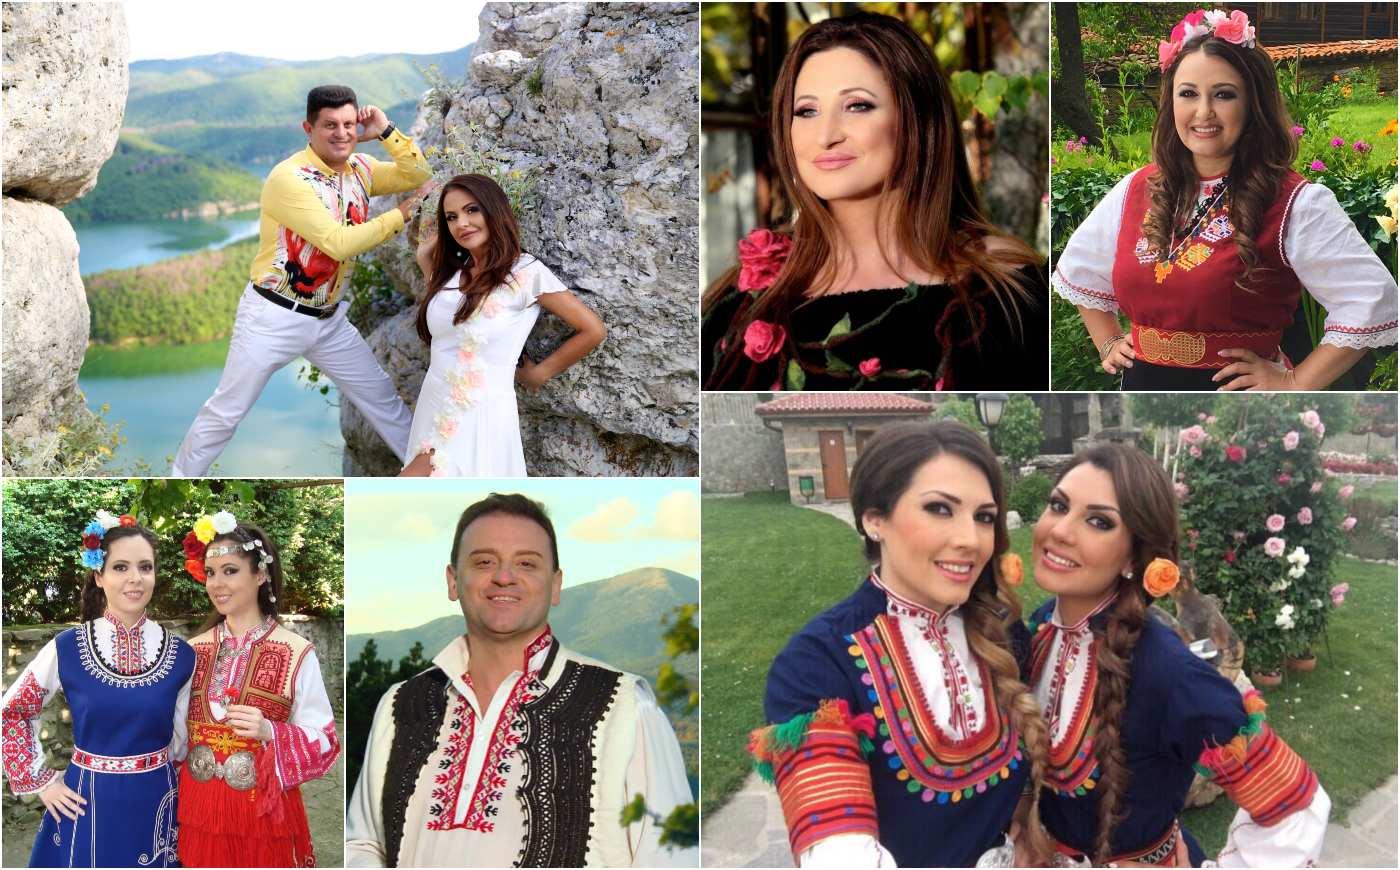 Български ритми звучат през уикенда